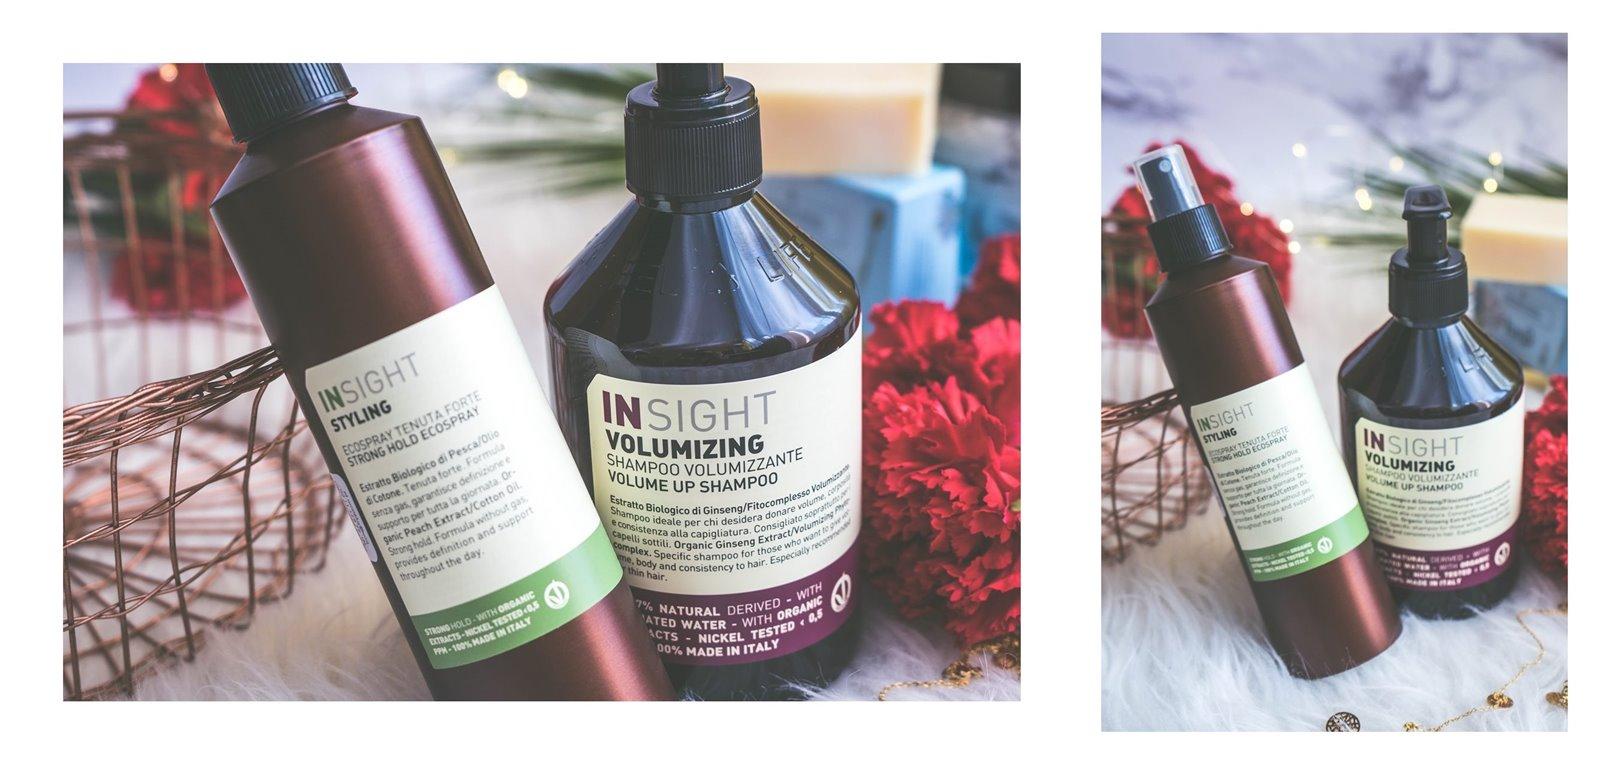 4A kosmetyki insgiht szampon zwiększający objętność włosów recenzja opinia jakość drogeria pigment czy warto kupić lakier do włosów bez gazu